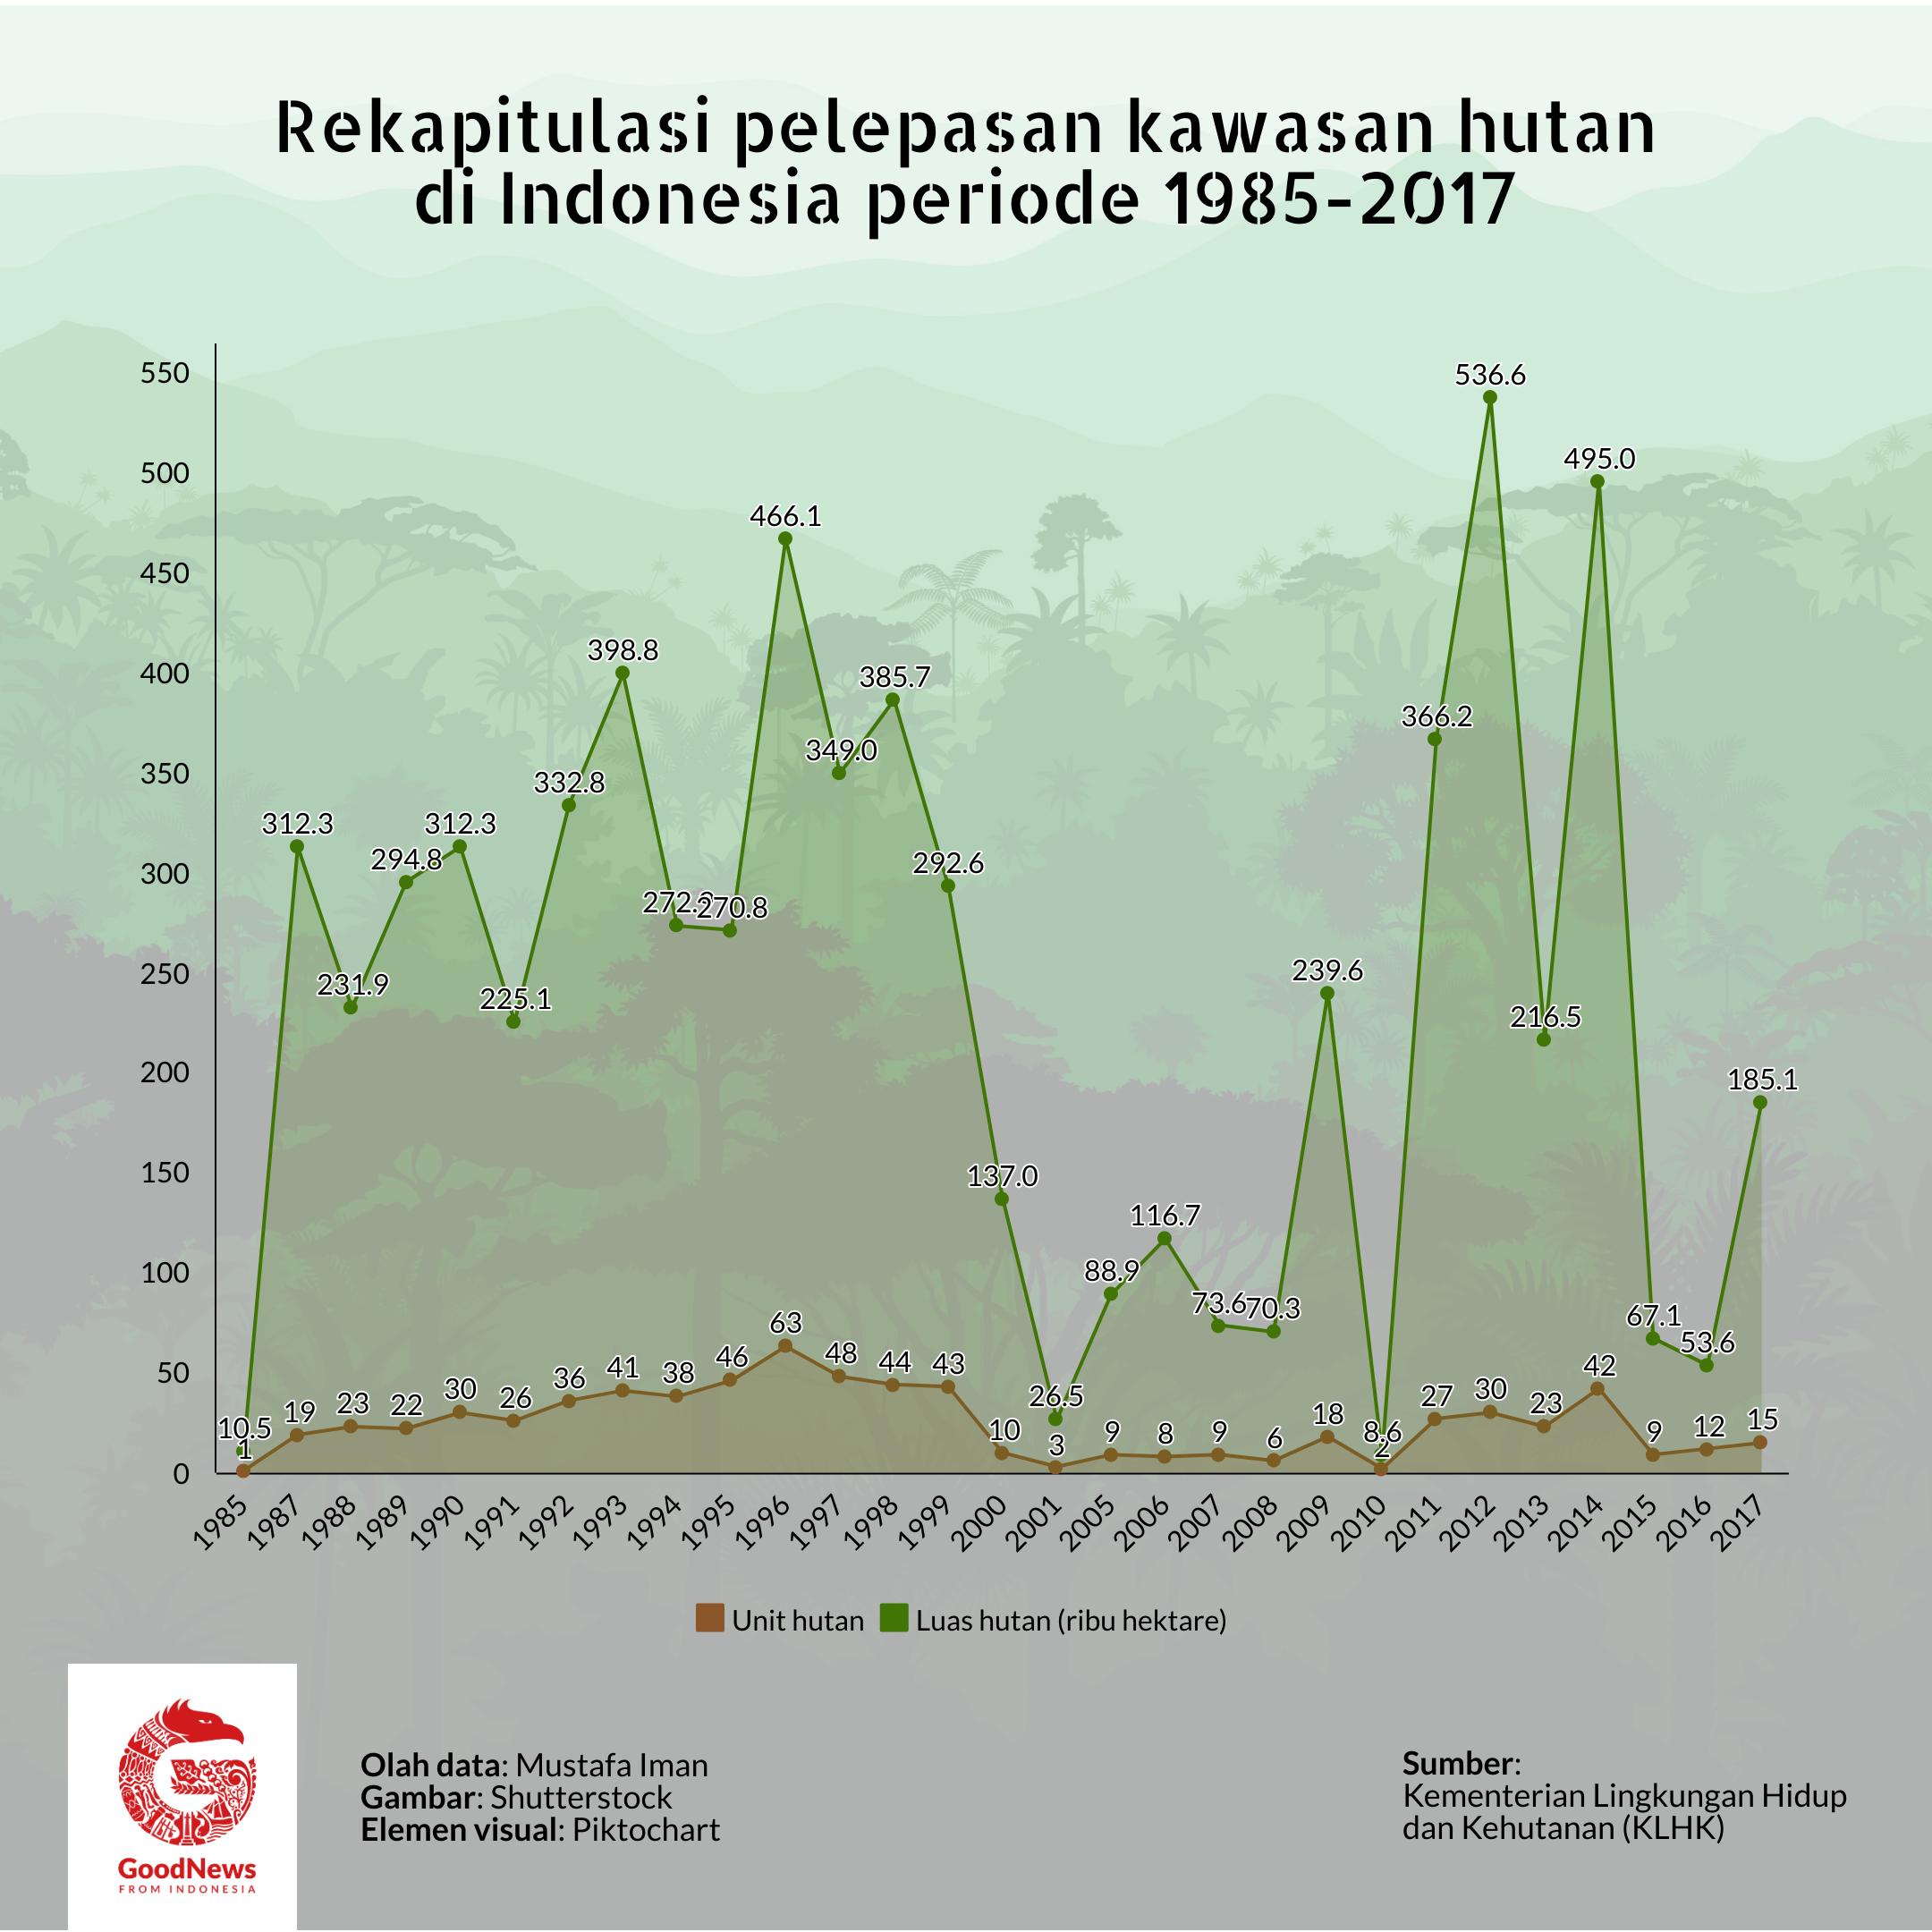 Rekapitulasi pelepasan kawasan hutan